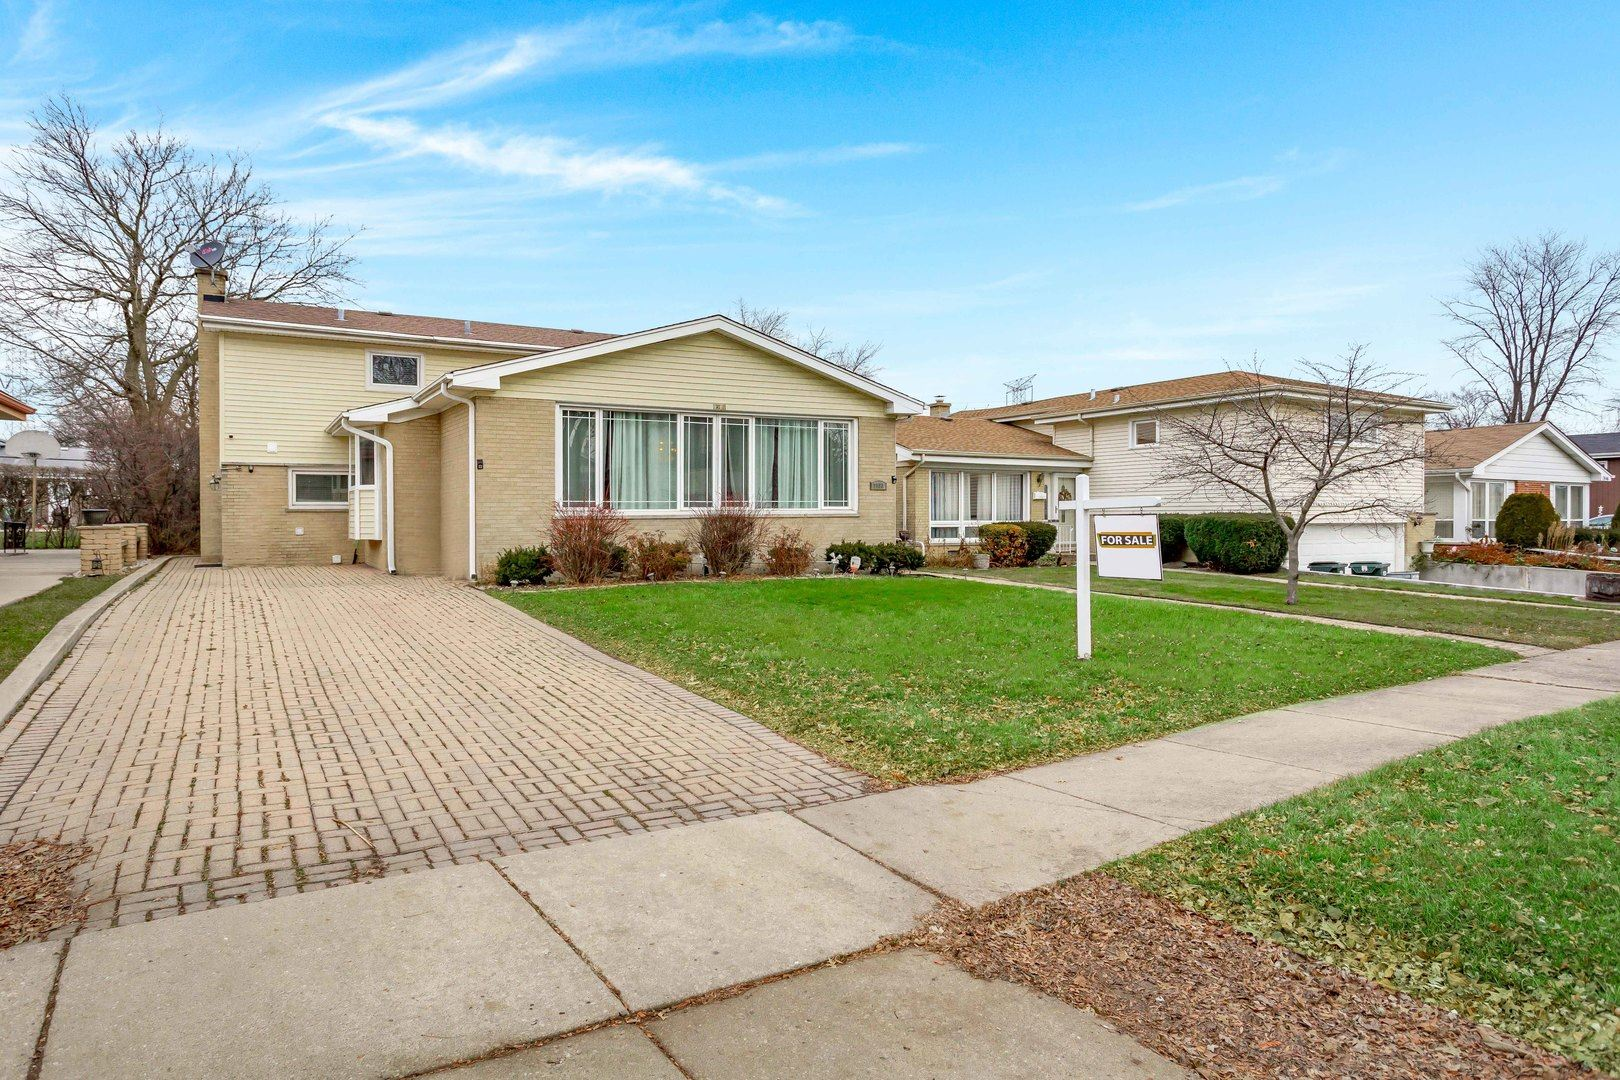 7908 Maple Street, Morton Grove, IL 60053 - #: 10590248